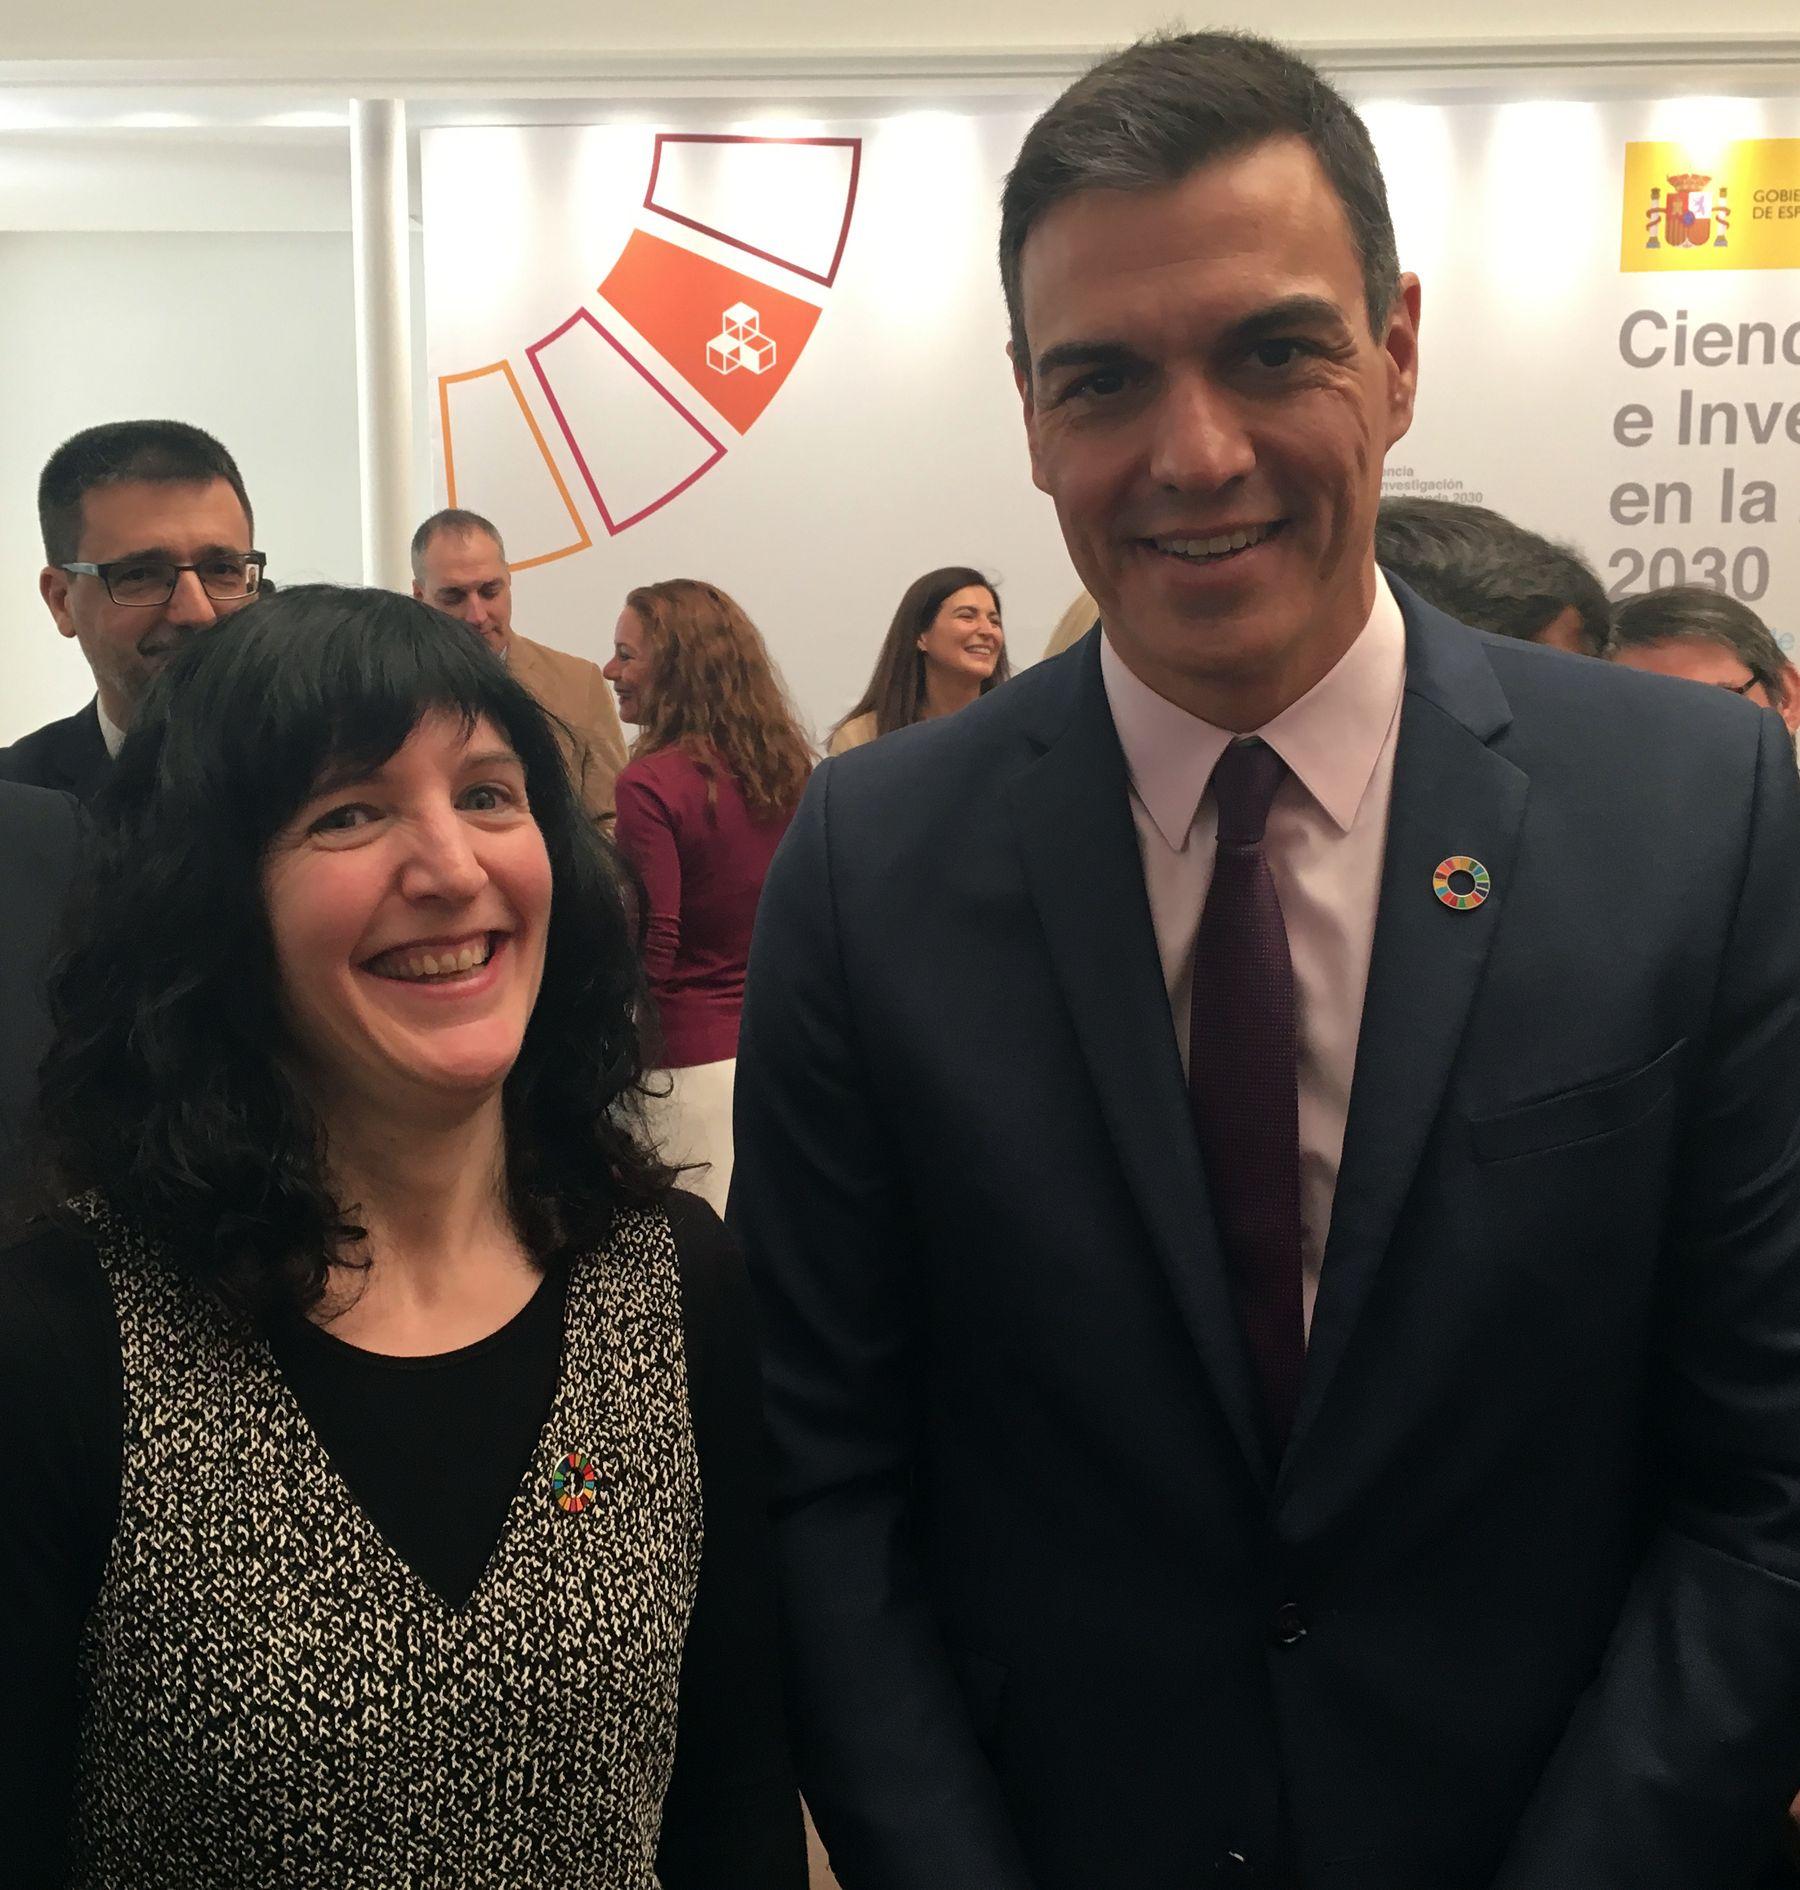 Maite Martínez Aldaya, investigadora del Instituto IS-FOOD de la UPNA, habla con el presidente Pedro Sánchez.